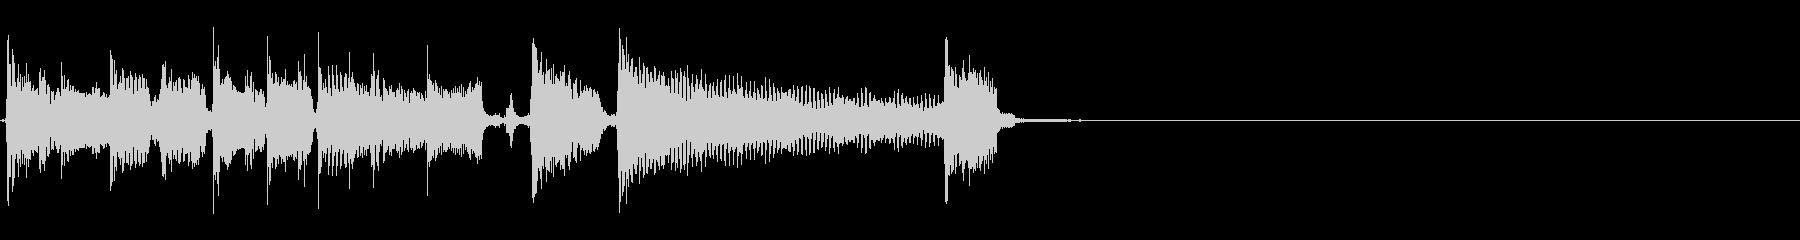 エレキ一本によるロカビリー風ジングルの未再生の波形